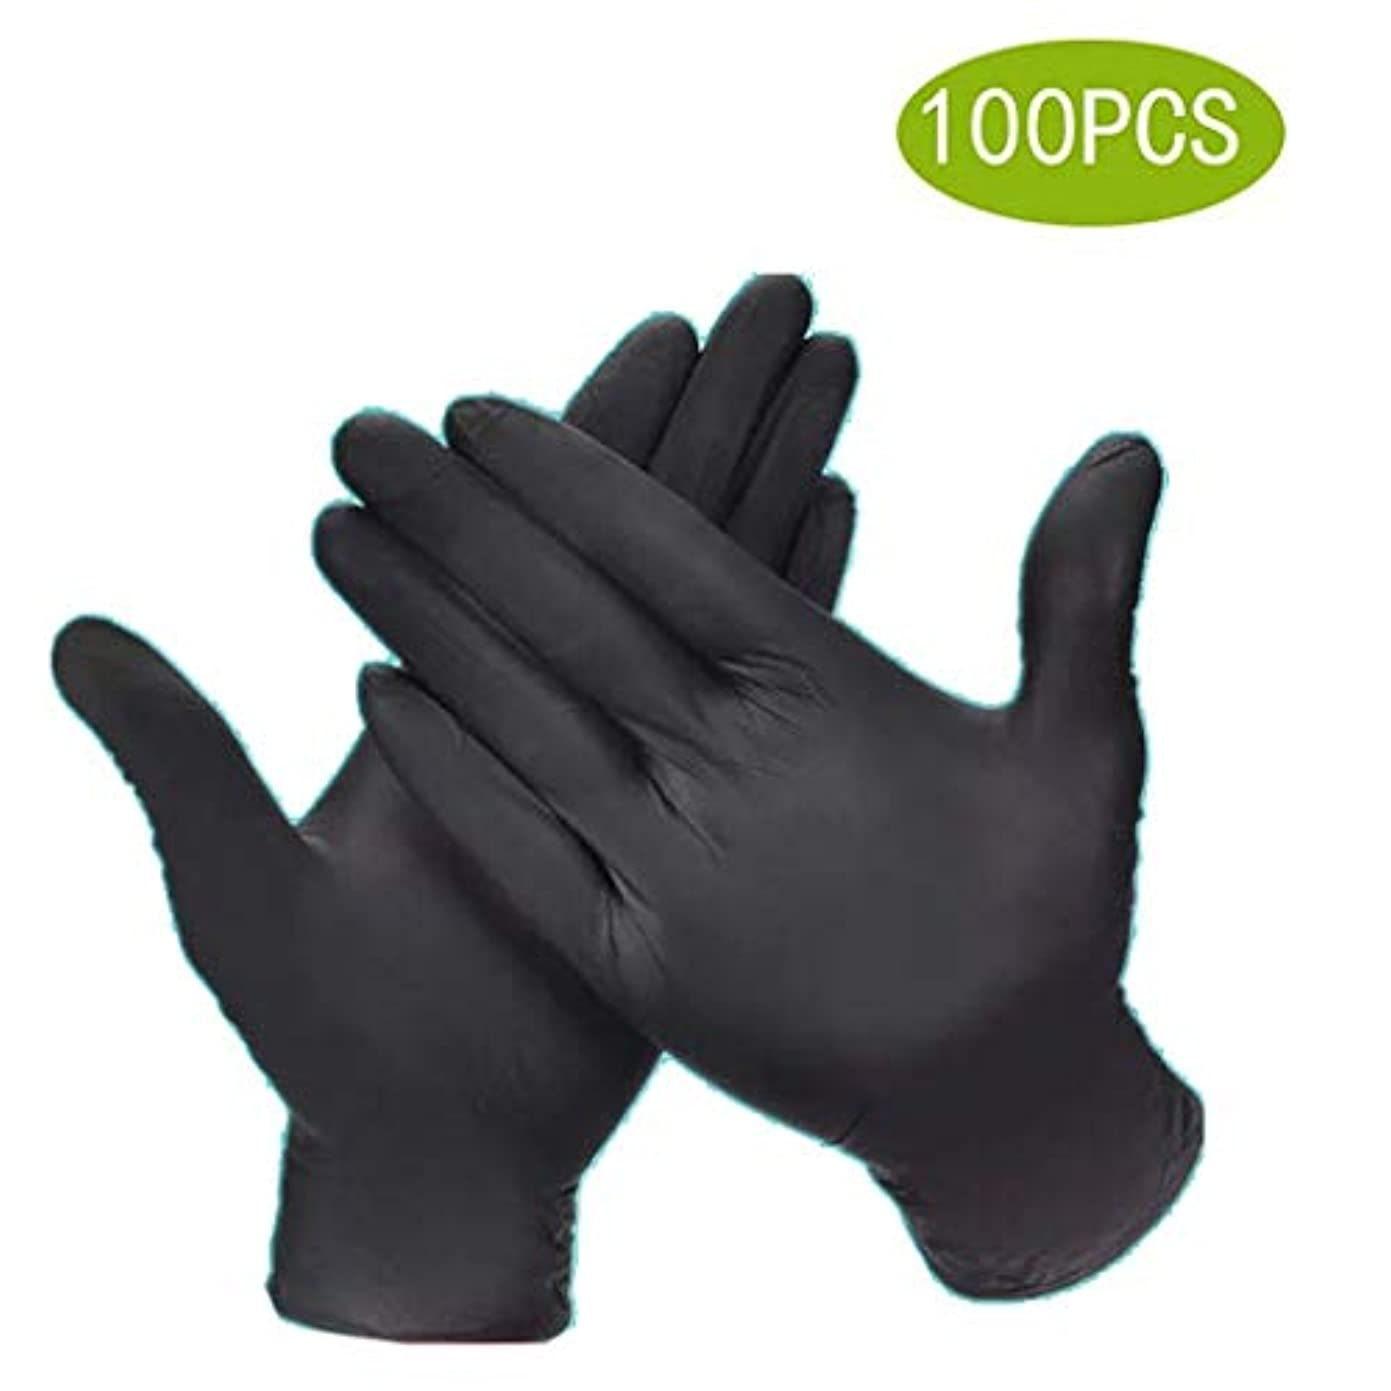 シェルター真実に恒久的使い捨て手袋食品ケータリング手術ディンチン厚い黒滑り止め酸とアルカリキッチン試験/食品グレード安全用品、使い捨てハンドグローブディスペンサー[100個] (Size : M)